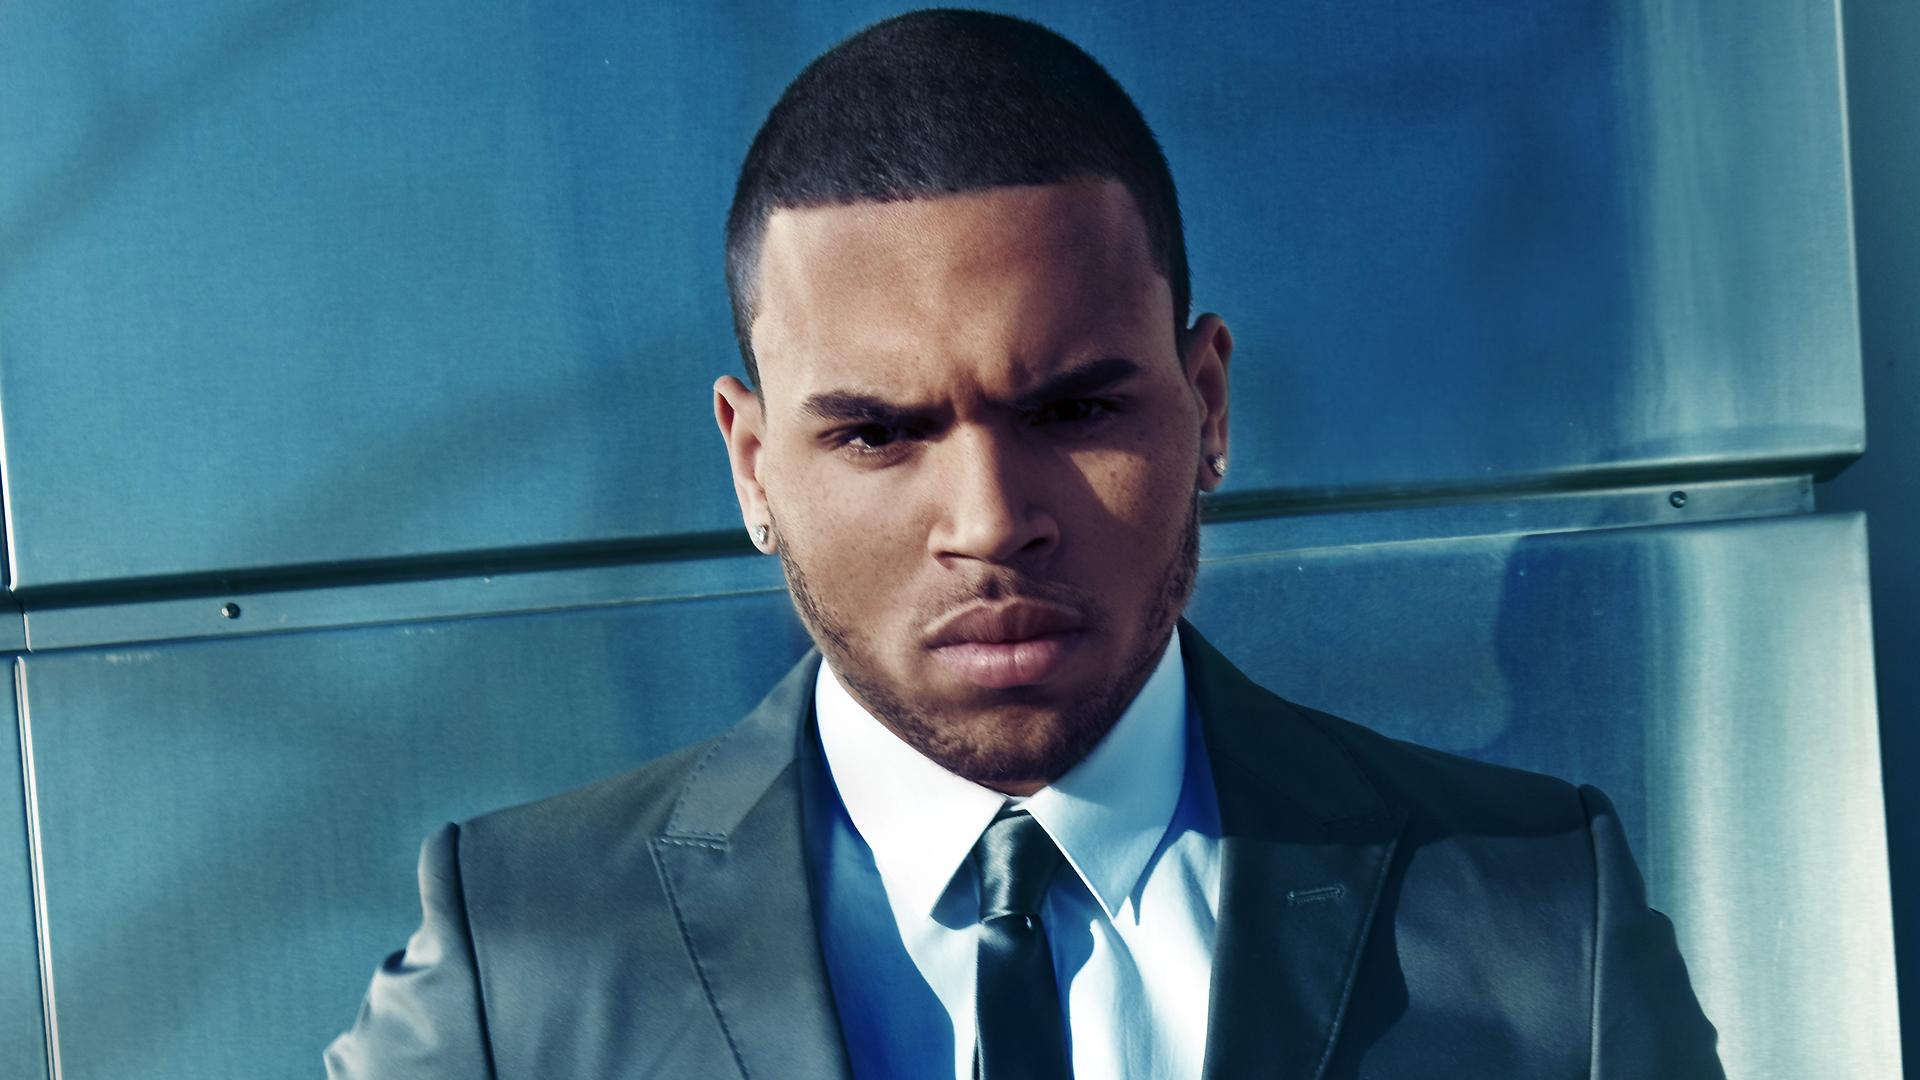 Fall Out Boy Iphone Wallpaper Chris Brown Wallpapers Hd Pixelstalk Net